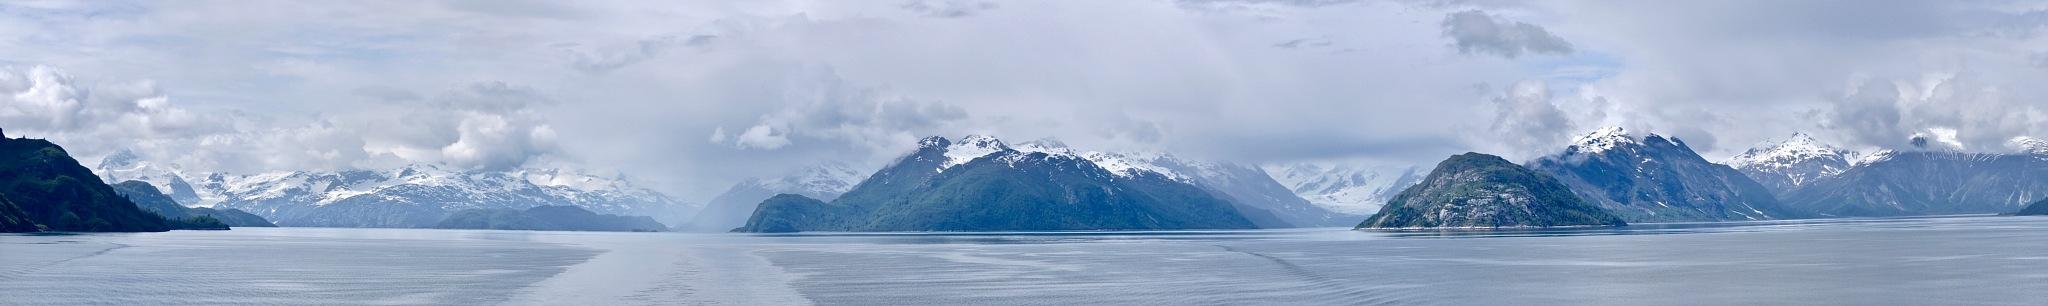 Glacier Bay Panorama by Martin M Kaplan